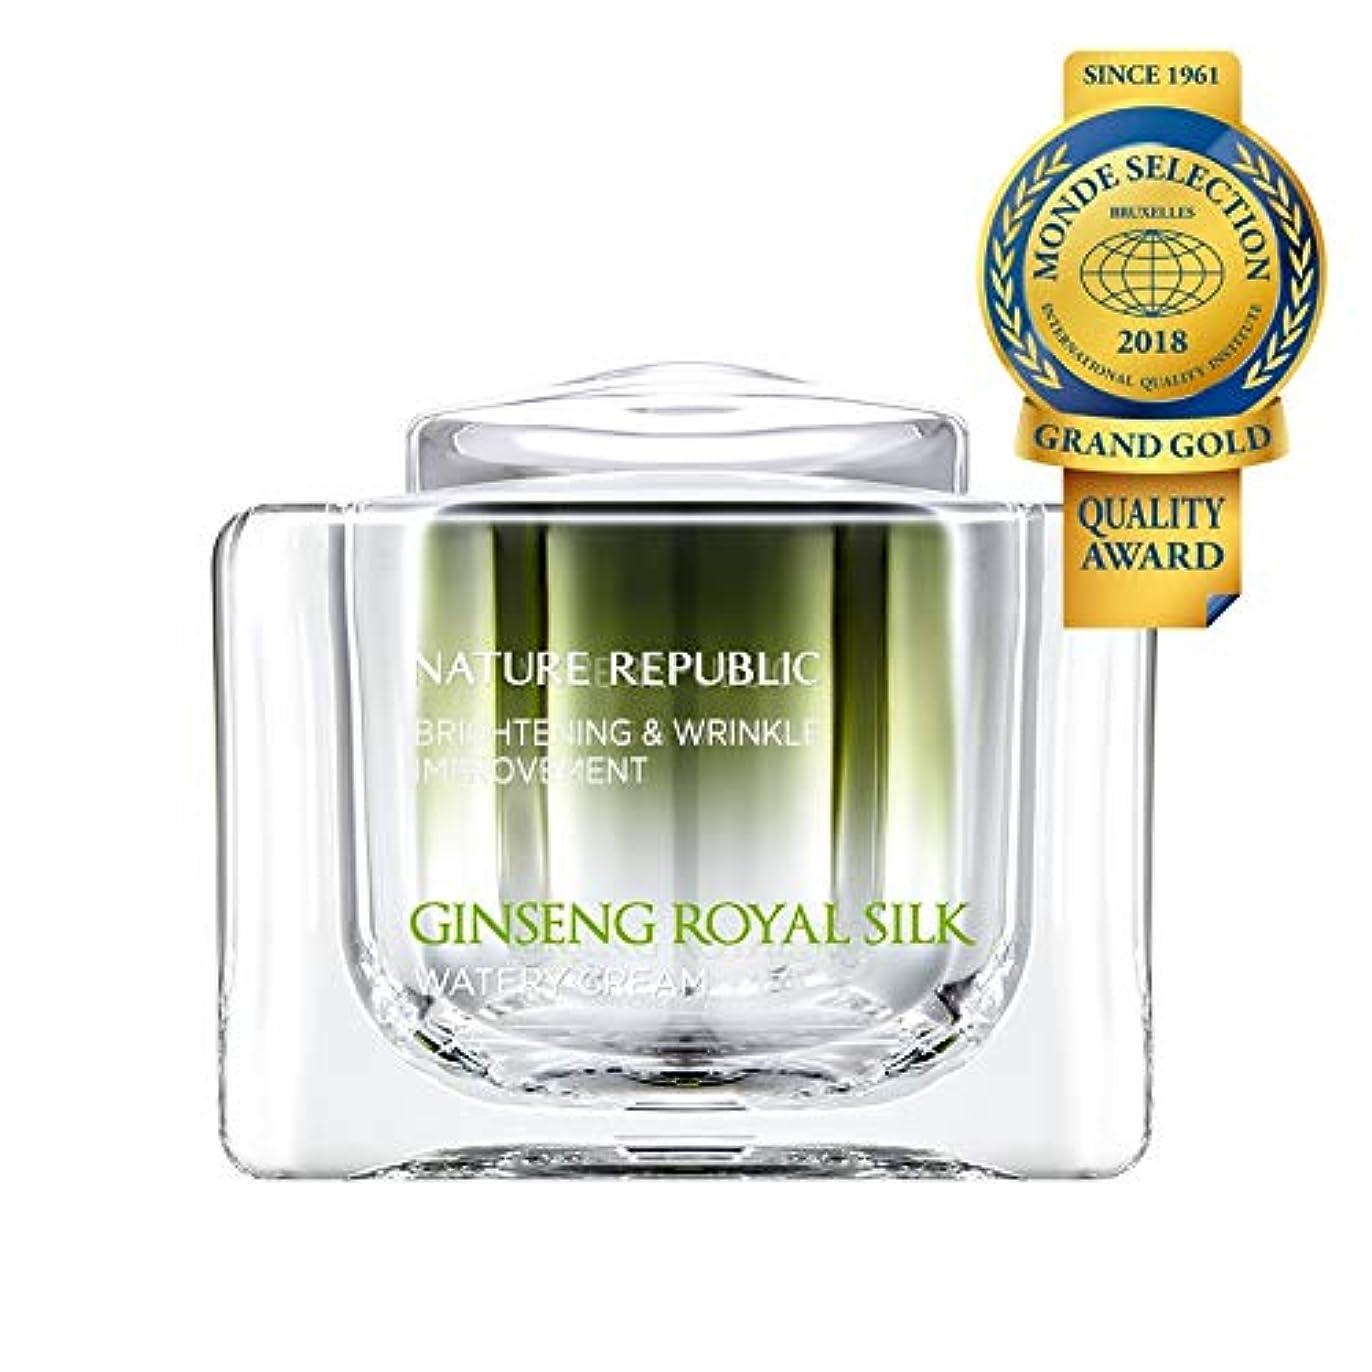 拡大する健全ブランチネイチャーリパブリック(Nature Republic)ジンセンロイヤルシルクウォーターリークリーム 60g / Ginseng Royal Silk Watery Cream 60g :: 韓国コスメ [並行輸入品]